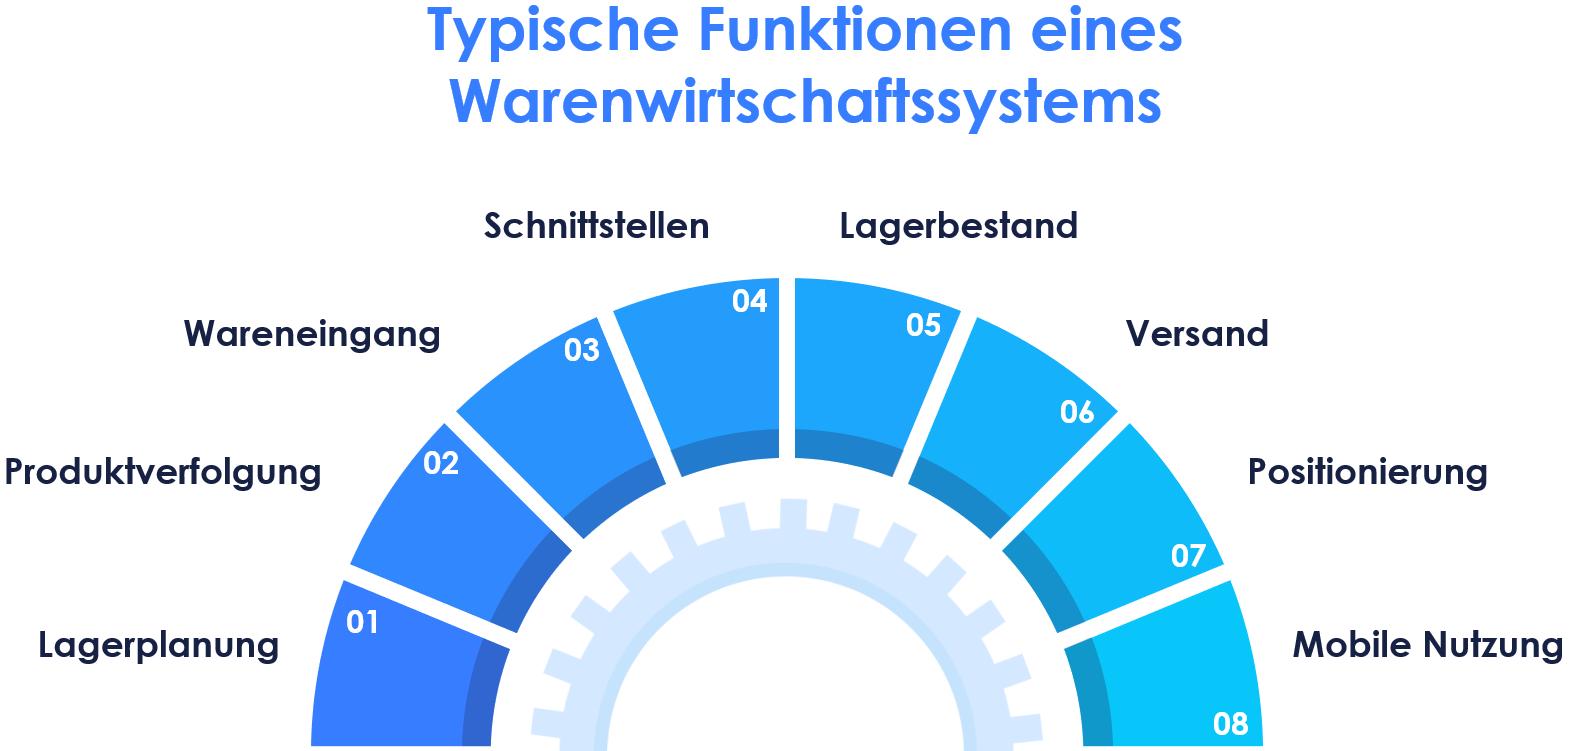 Darstellung typischer Funktionen eines Warenwirtschaftssystems